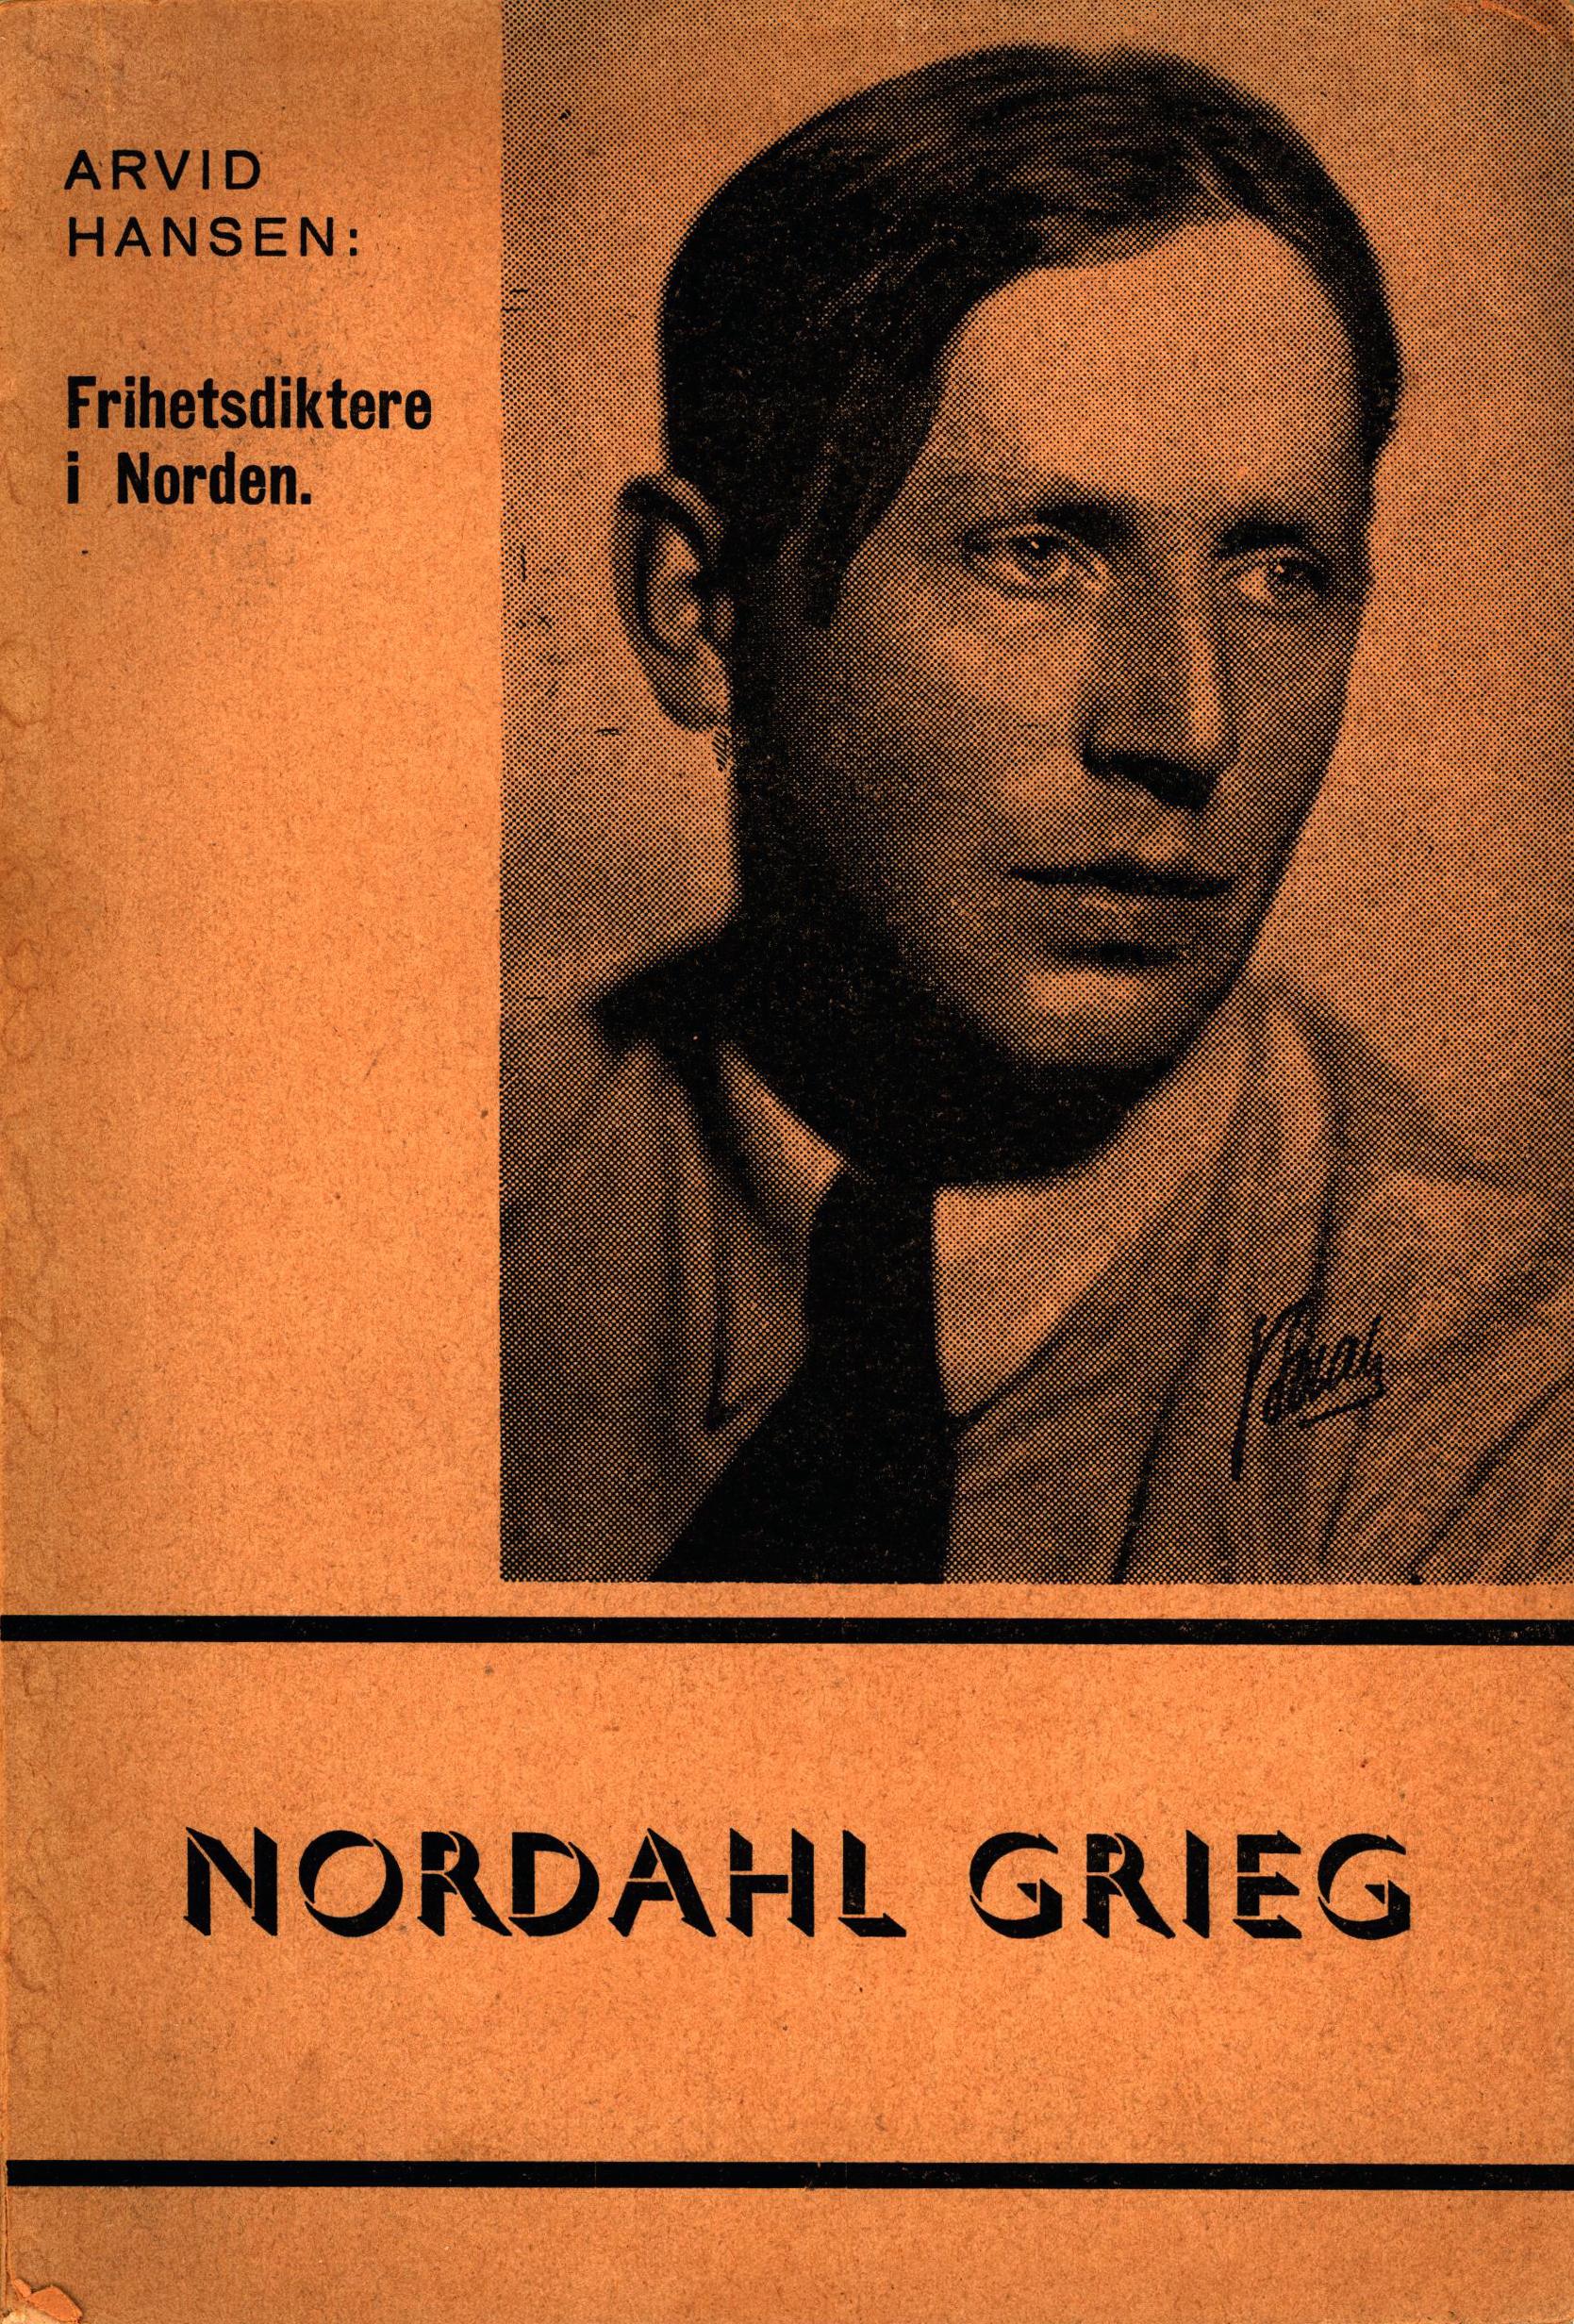 Arvid G. Hansen: Nordahl Grieg